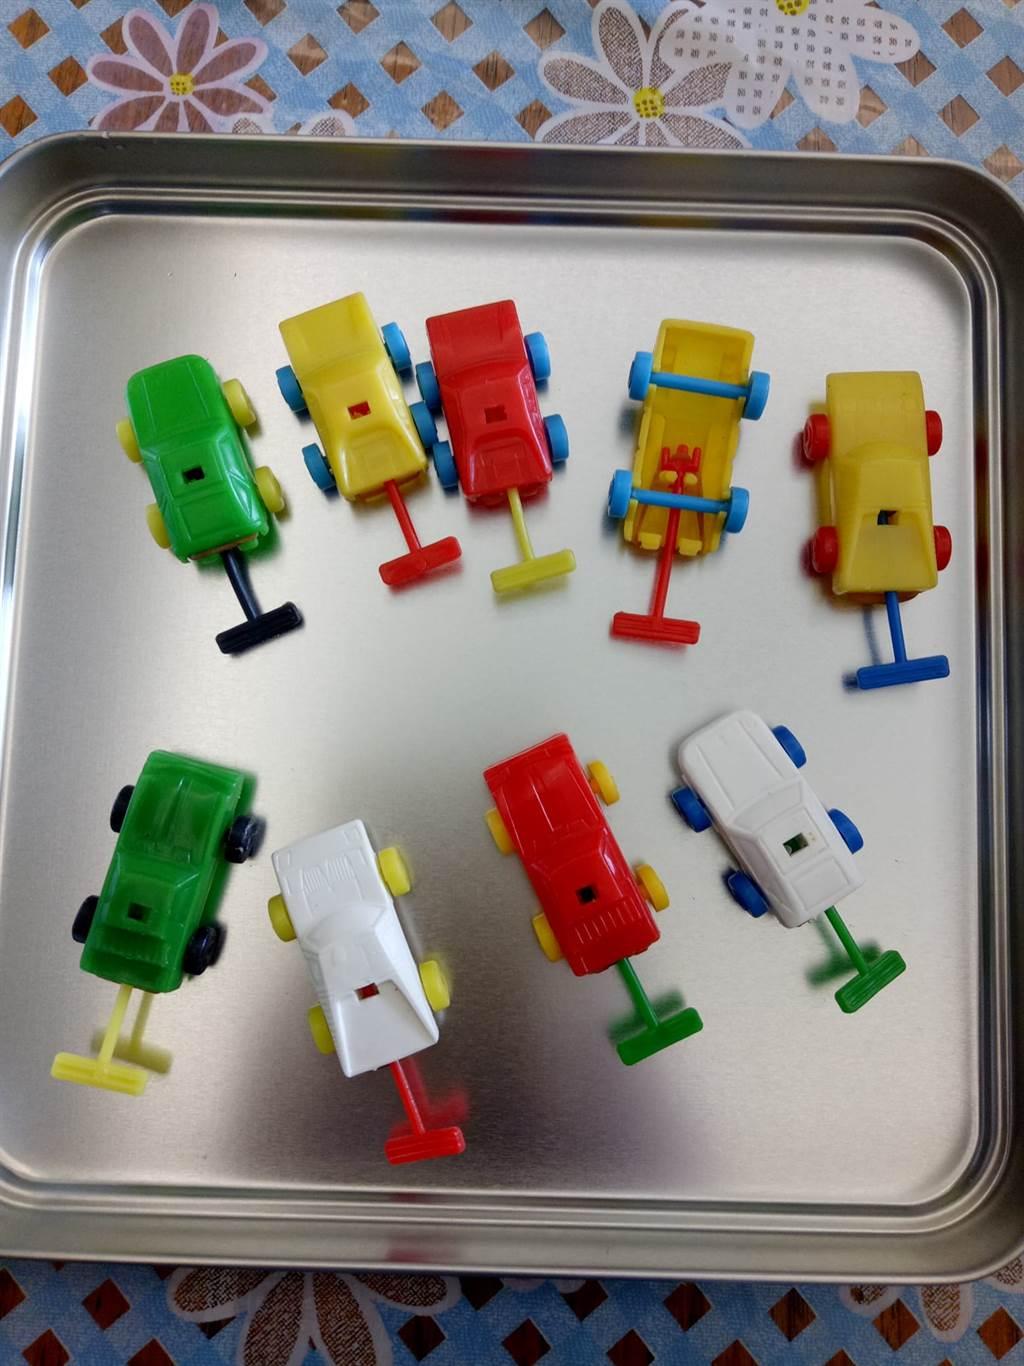 有網友至今依舊保存著從乖乖餅乾中得到的小玩具汽車。(圖/我愛全聯-好物老實説)